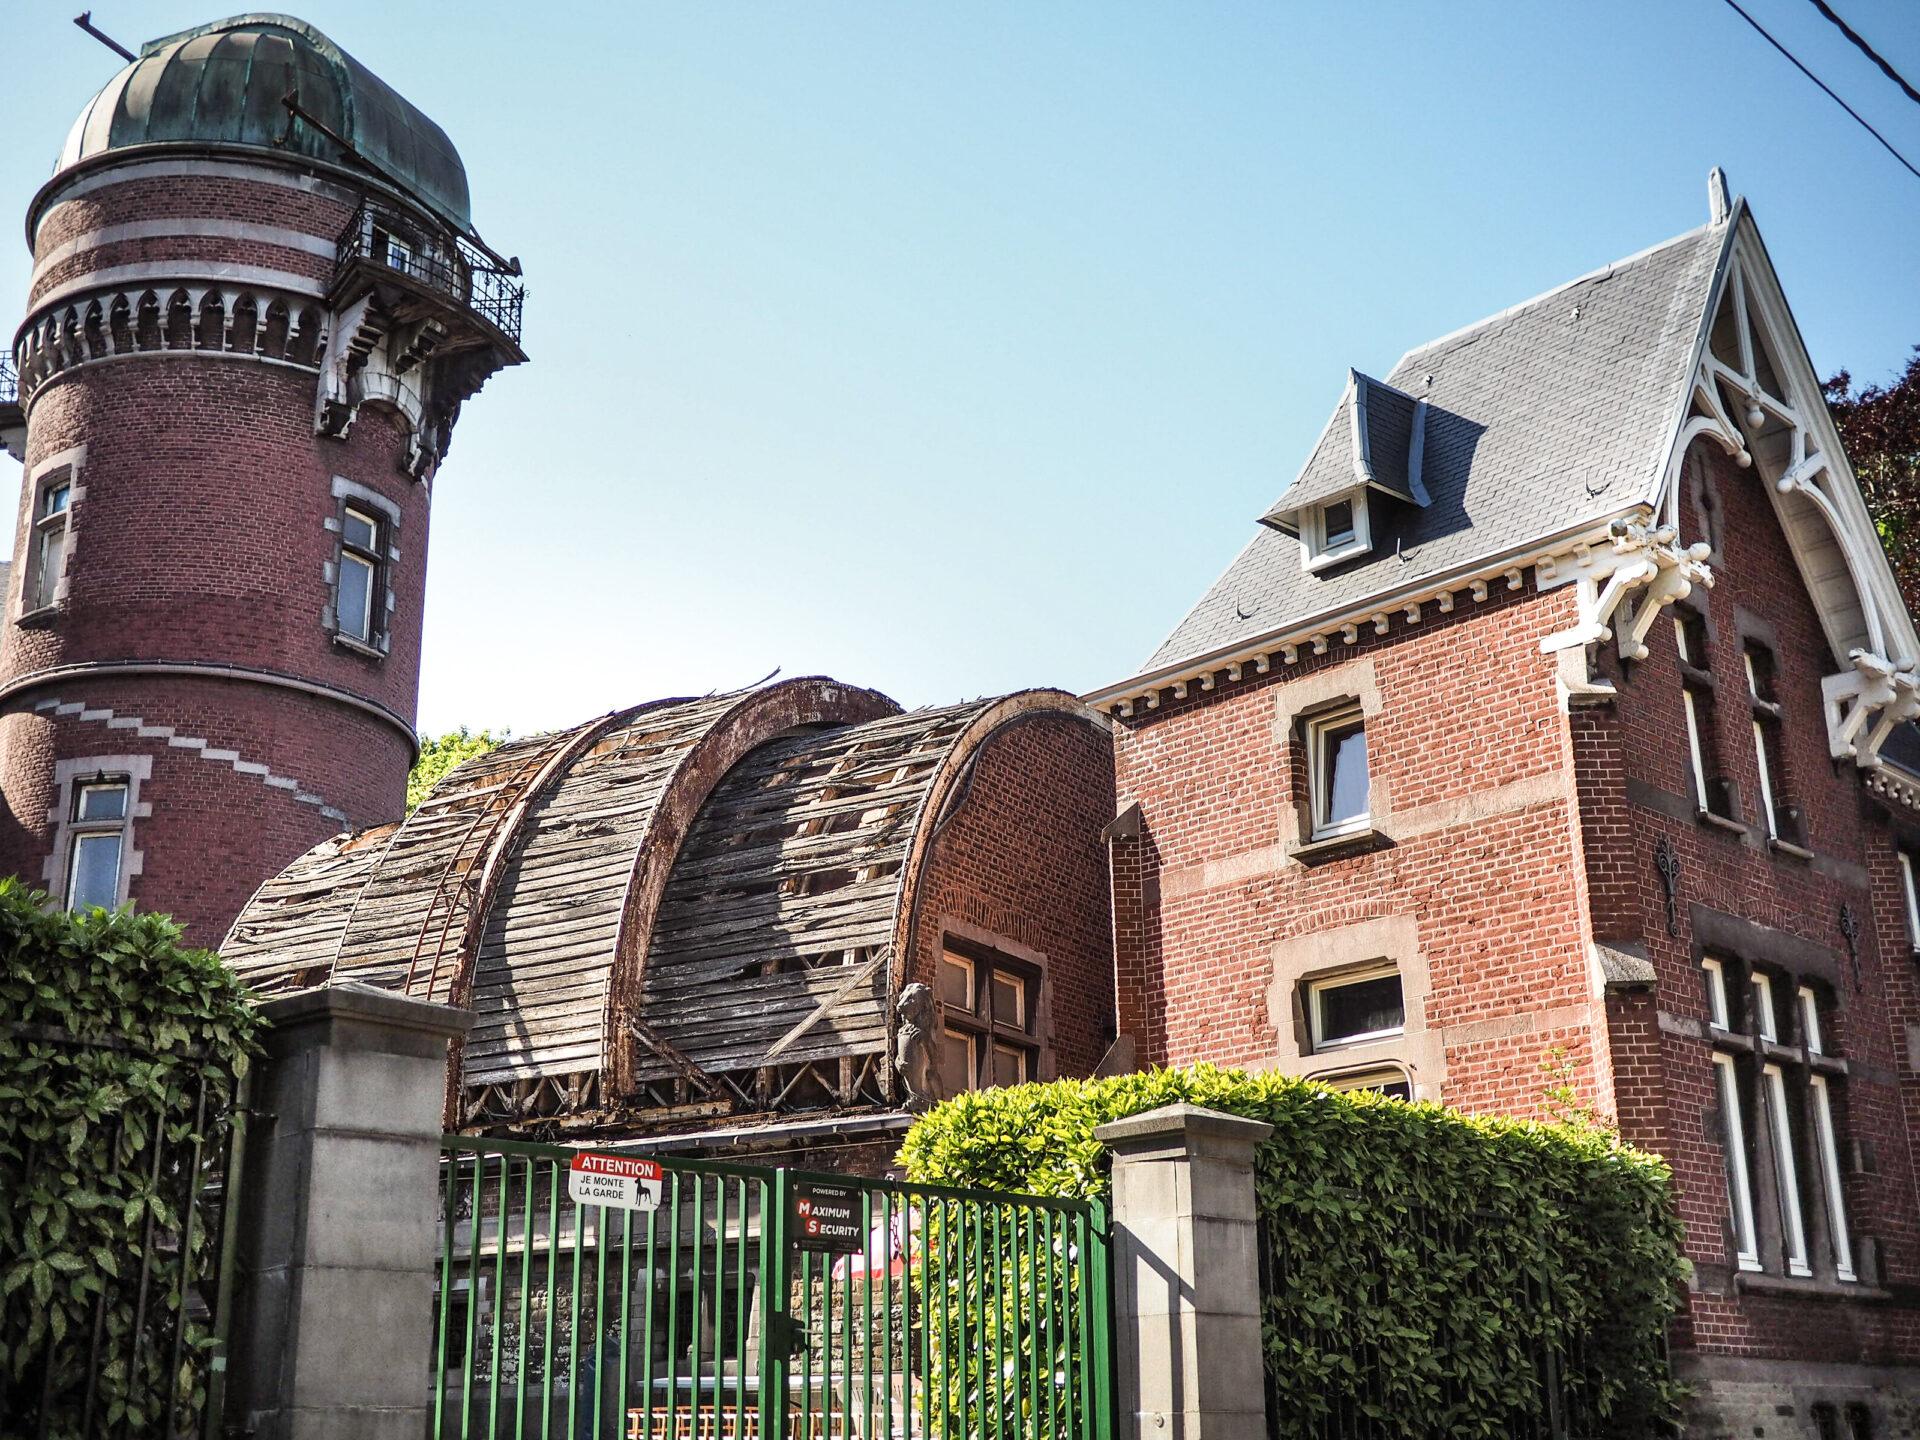 L'observatoire de Cointe ne sera finalement pas vendu: la Région va le conserver et y construire